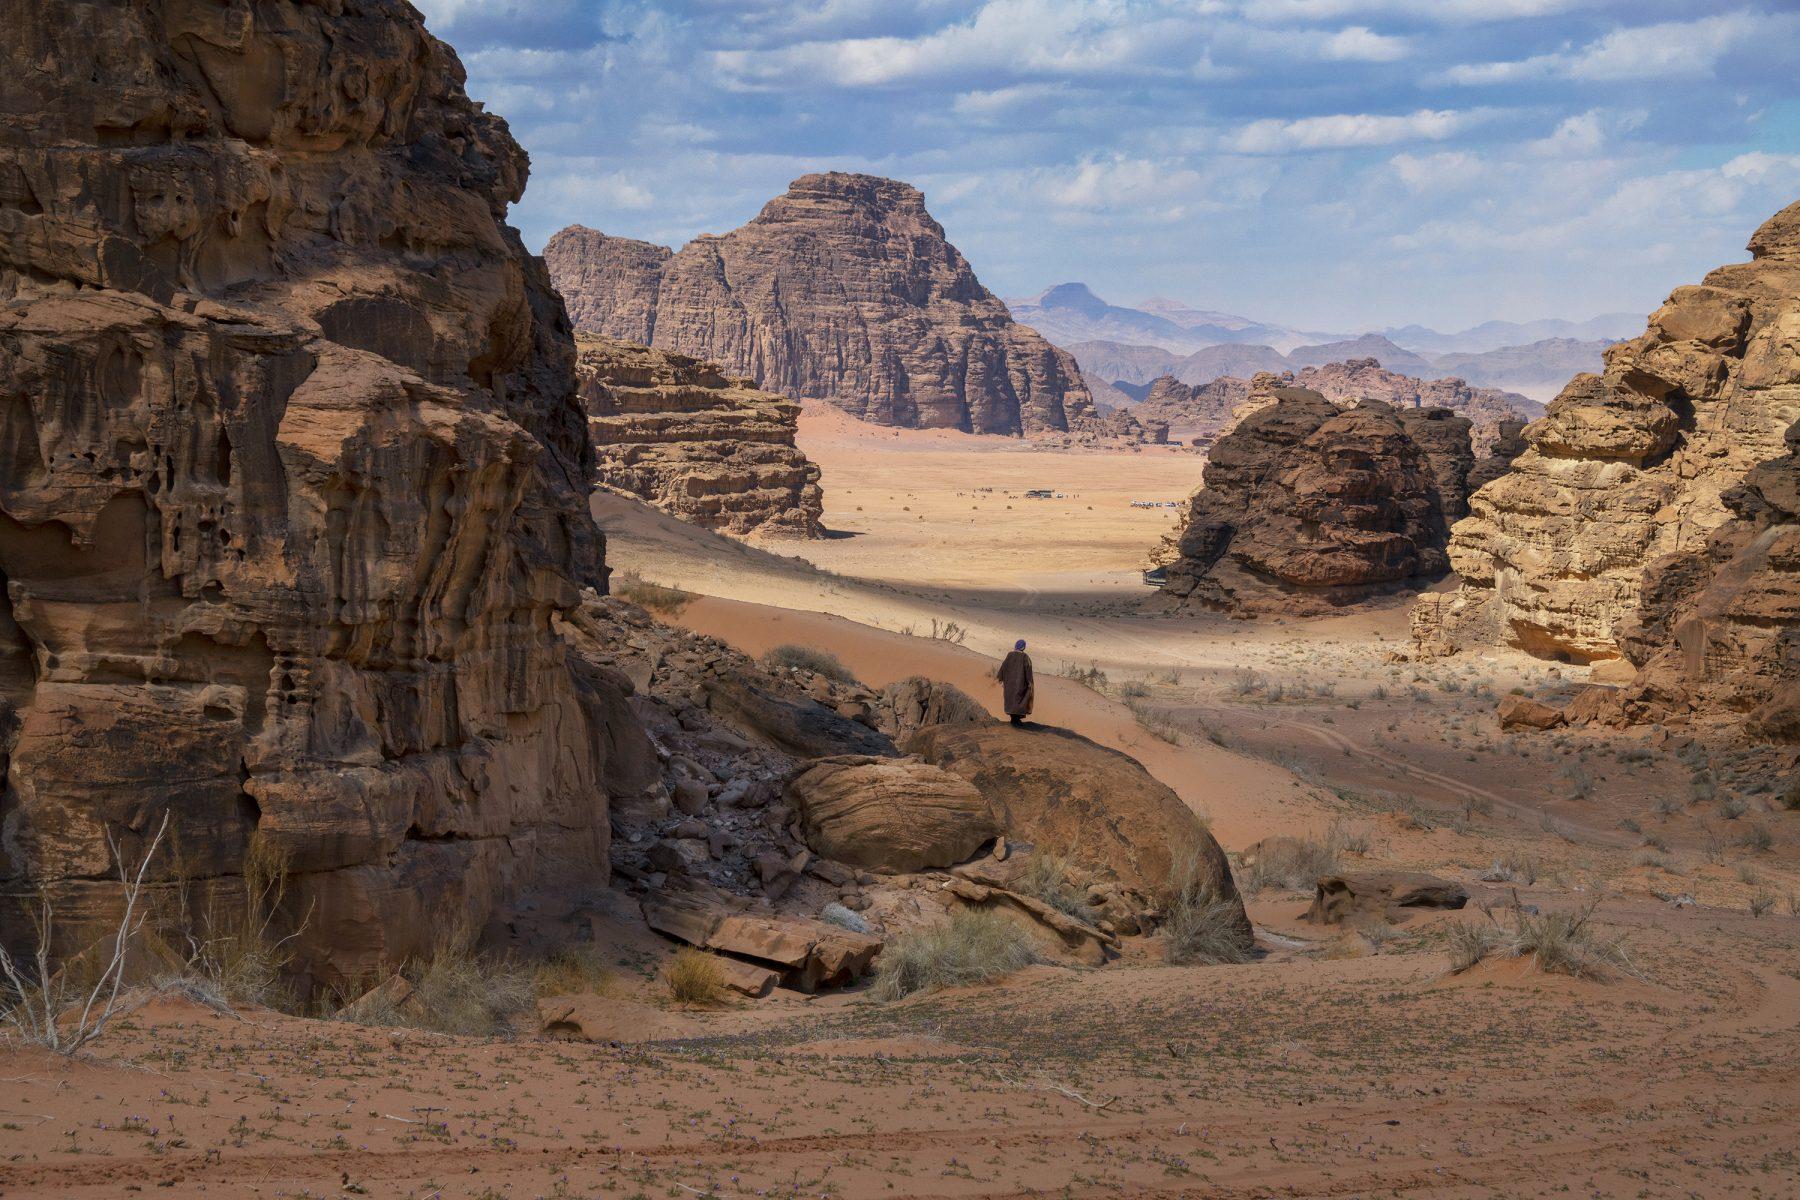 Photographie couleur par Steve McCurry, Wadi Rum, Jordanie, montagnes, formations rocheuses